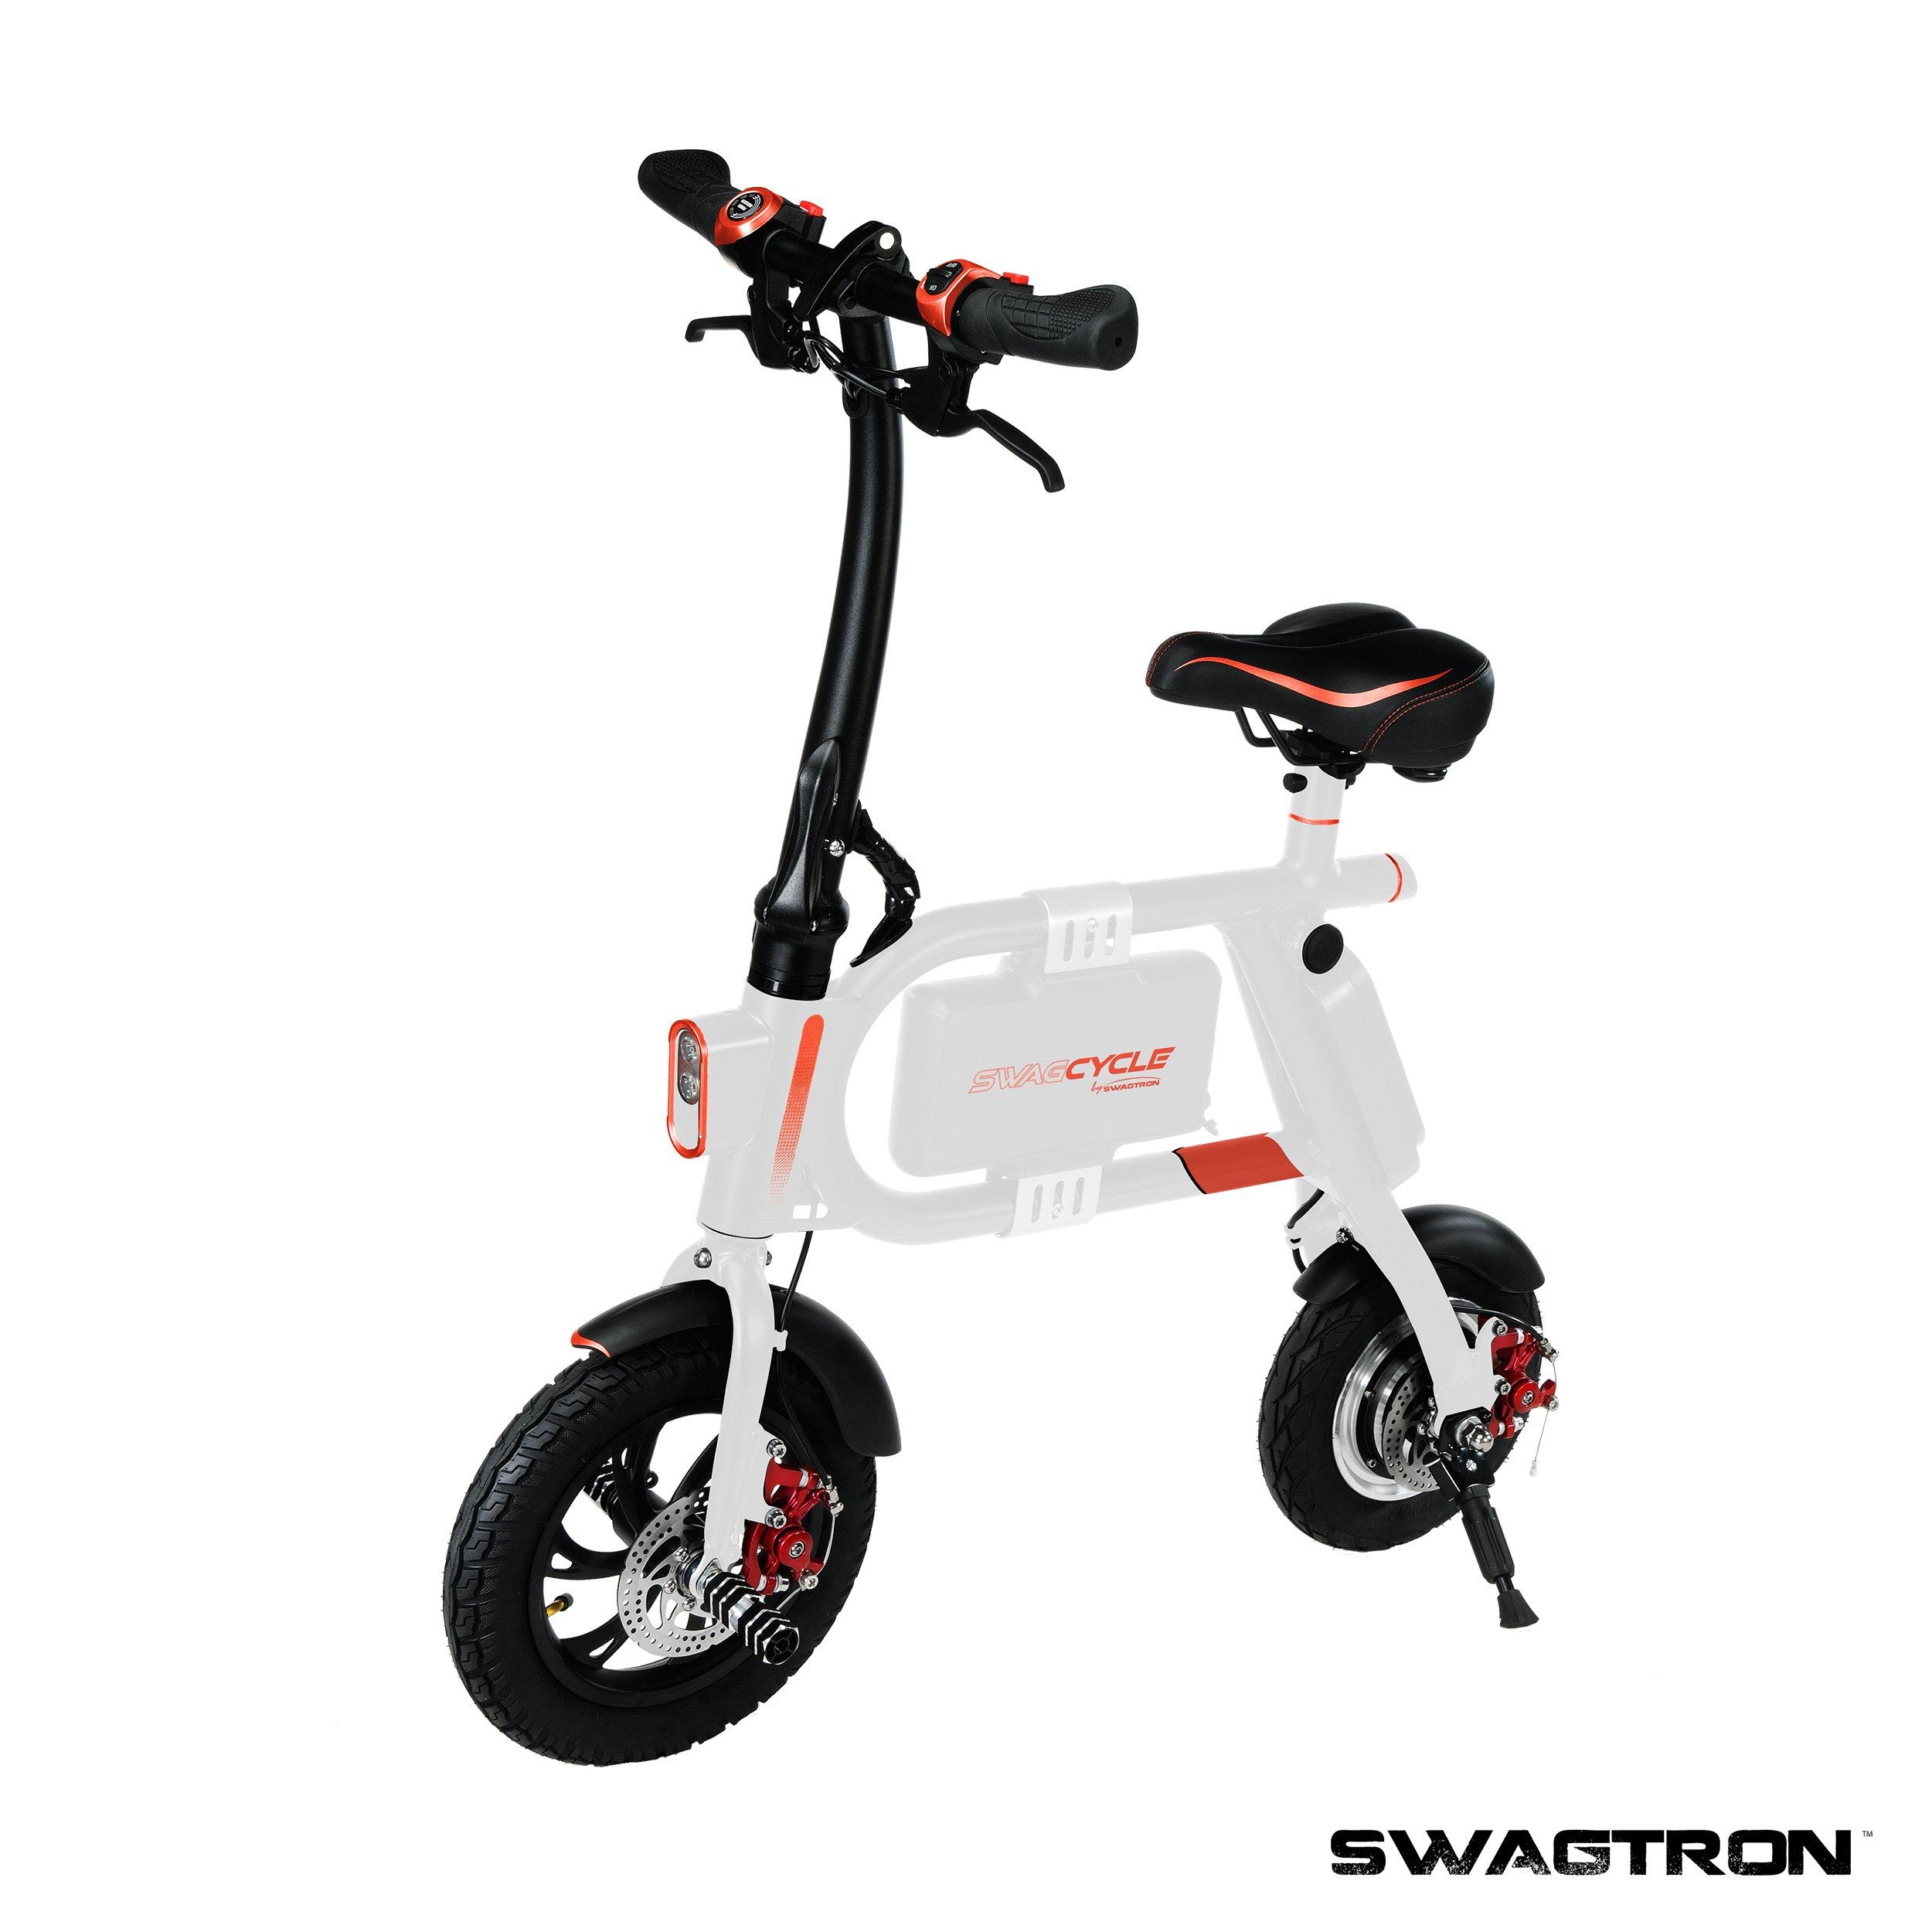 10 Mile Range Collaps Swagtron Swagcycle E Bike Folding